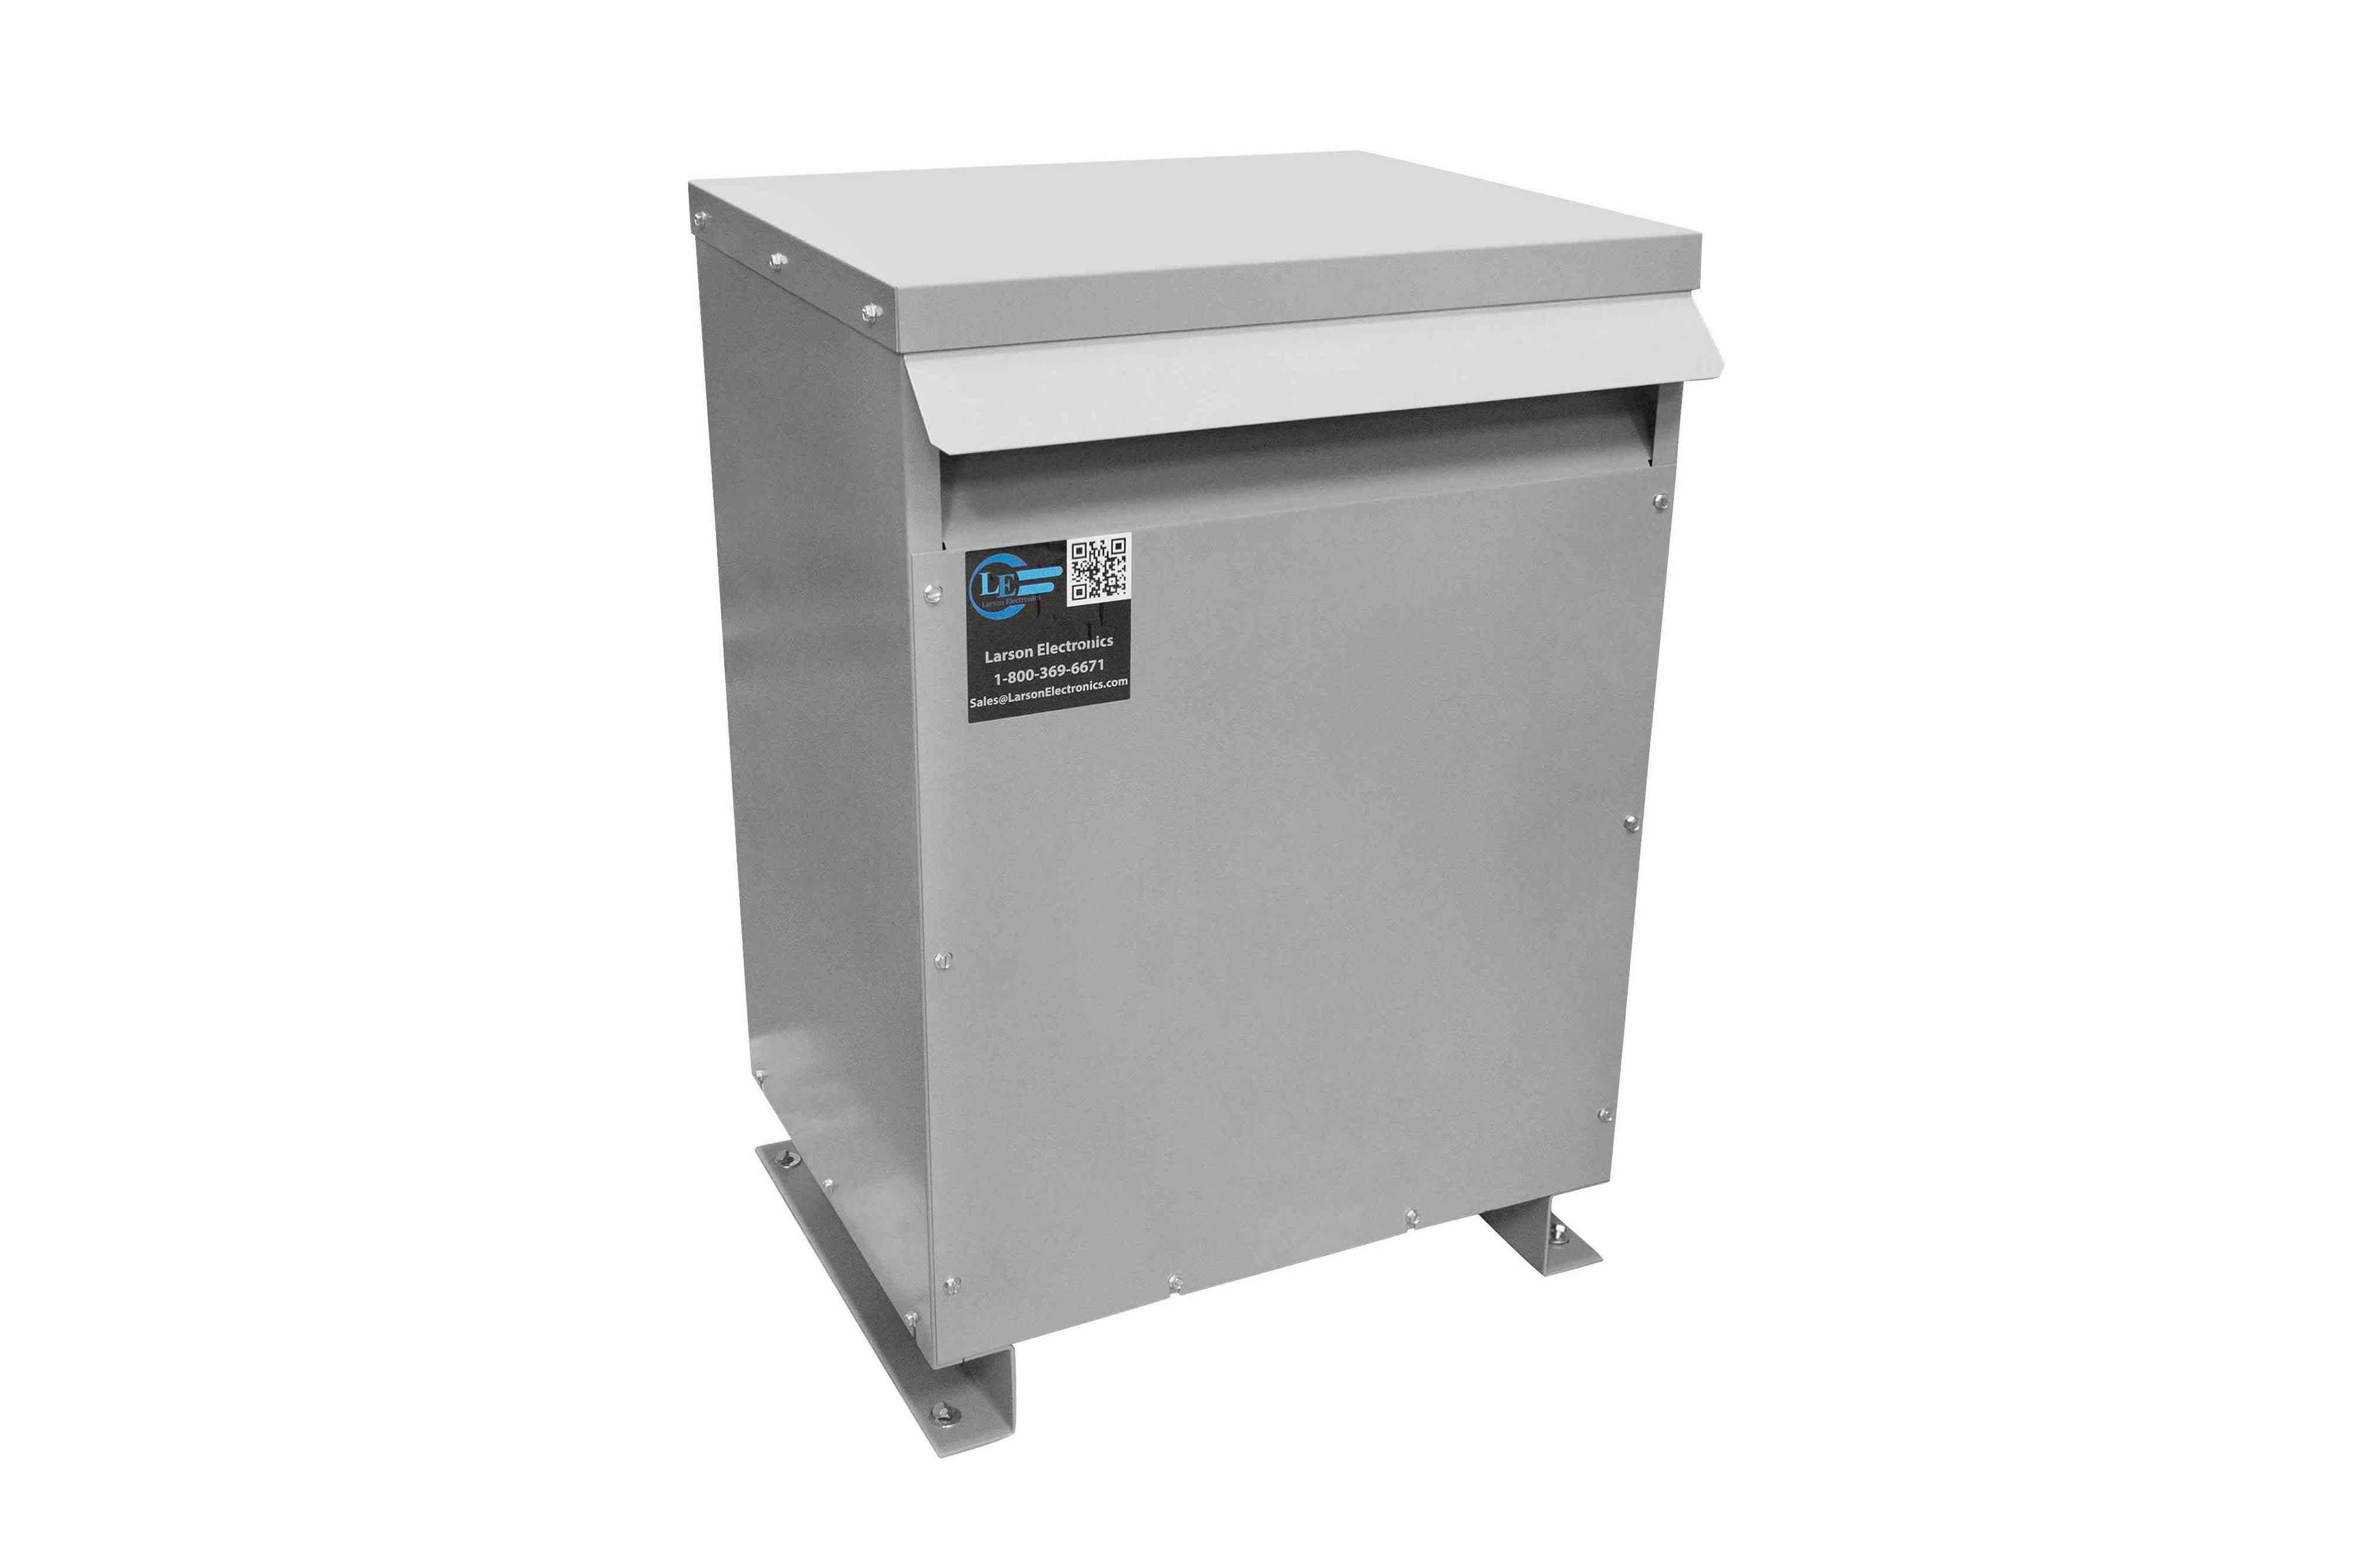 27 kVA 3PH Isolation Transformer, 600V Delta Primary, 400V Delta Secondary, N3R, Ventilated, 60 Hz